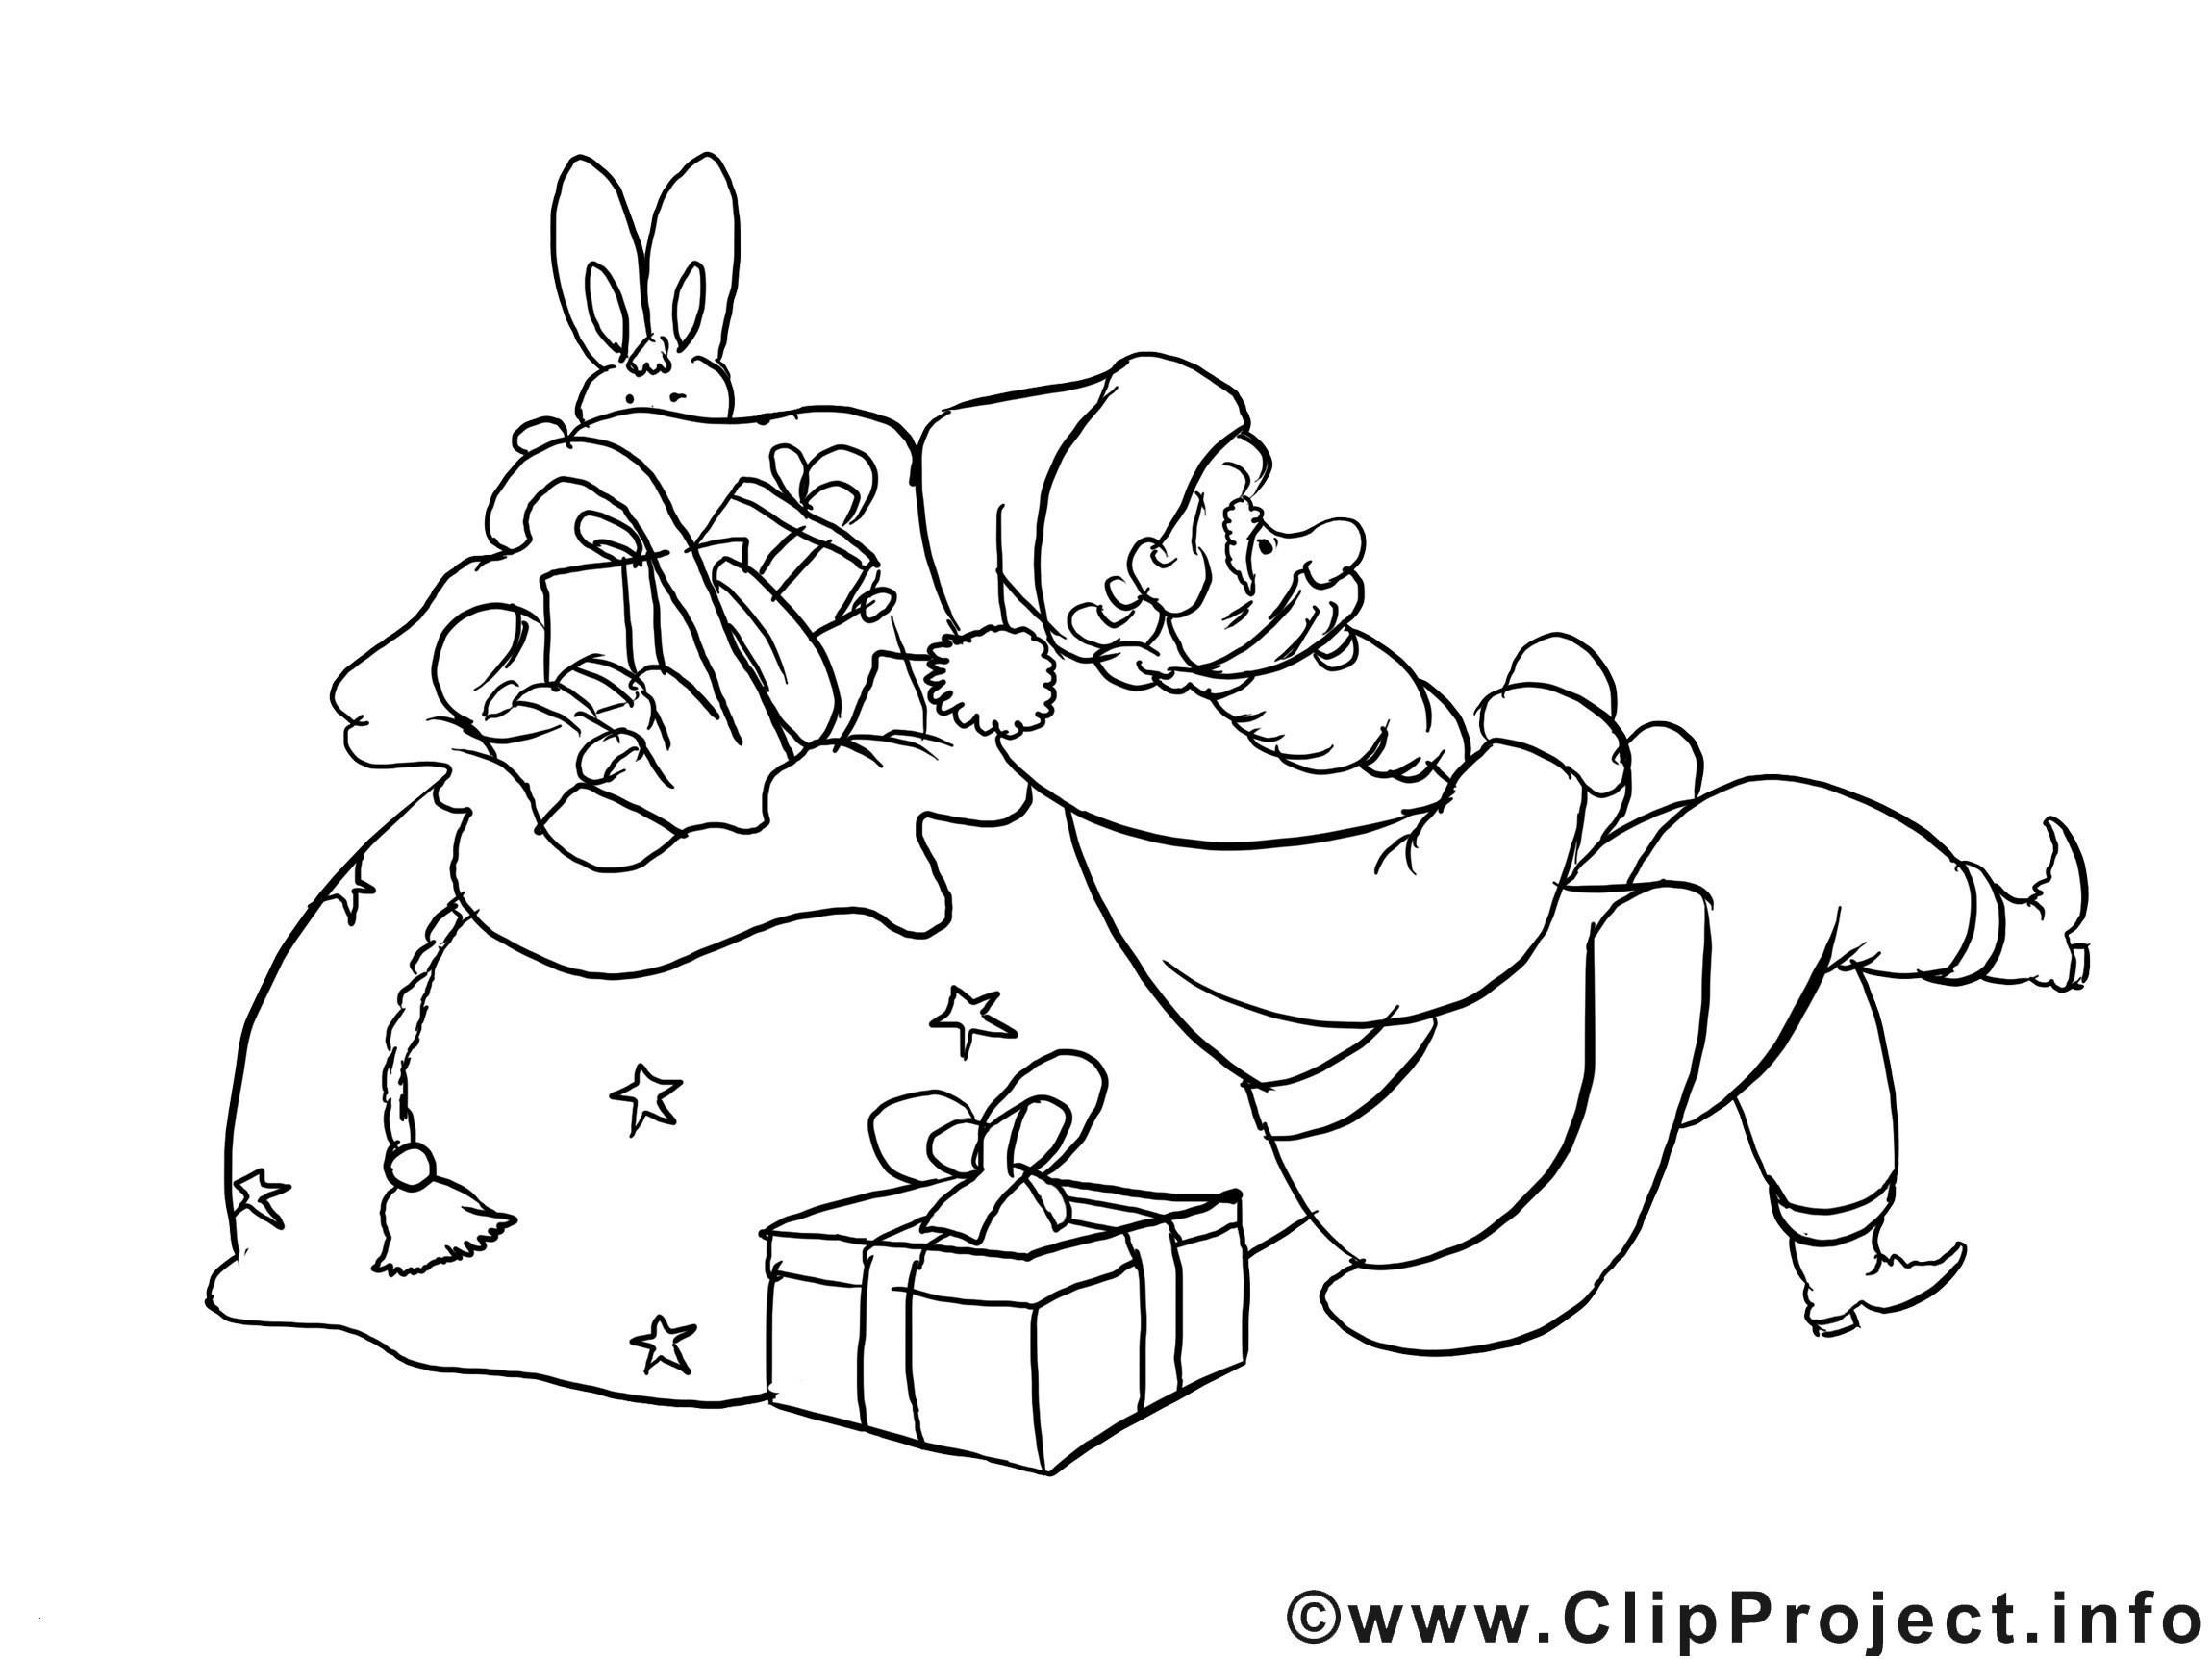 Malvorlagen Weihnachten Fensterbilder Frisch Weihnachten Malvorlagen Rentier Rentier Vorlage Zum Fotografieren